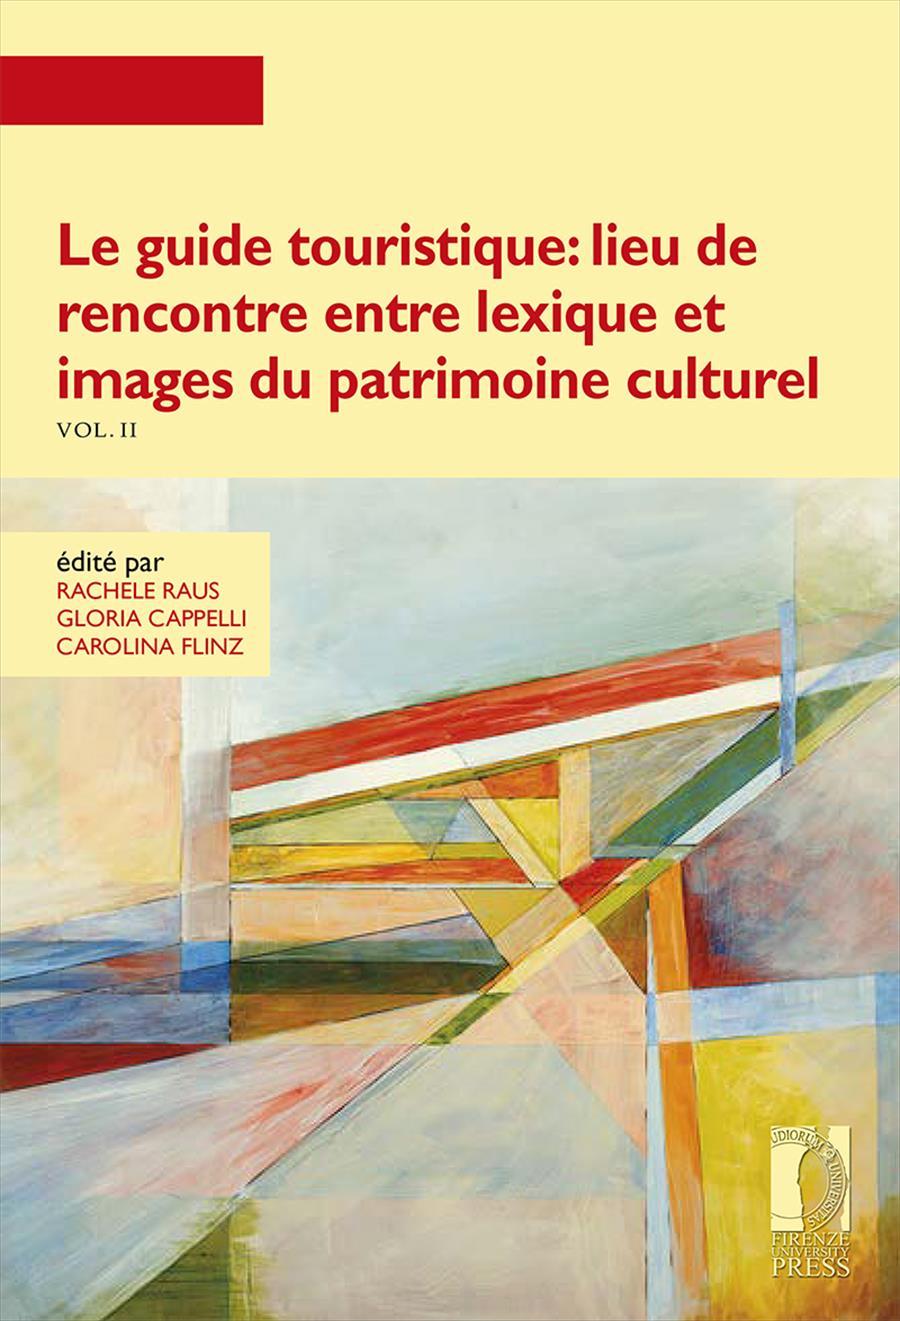 Le guide touristique: lieu de rencontre entre lexique et images du patrimoine culturel. Vol. II